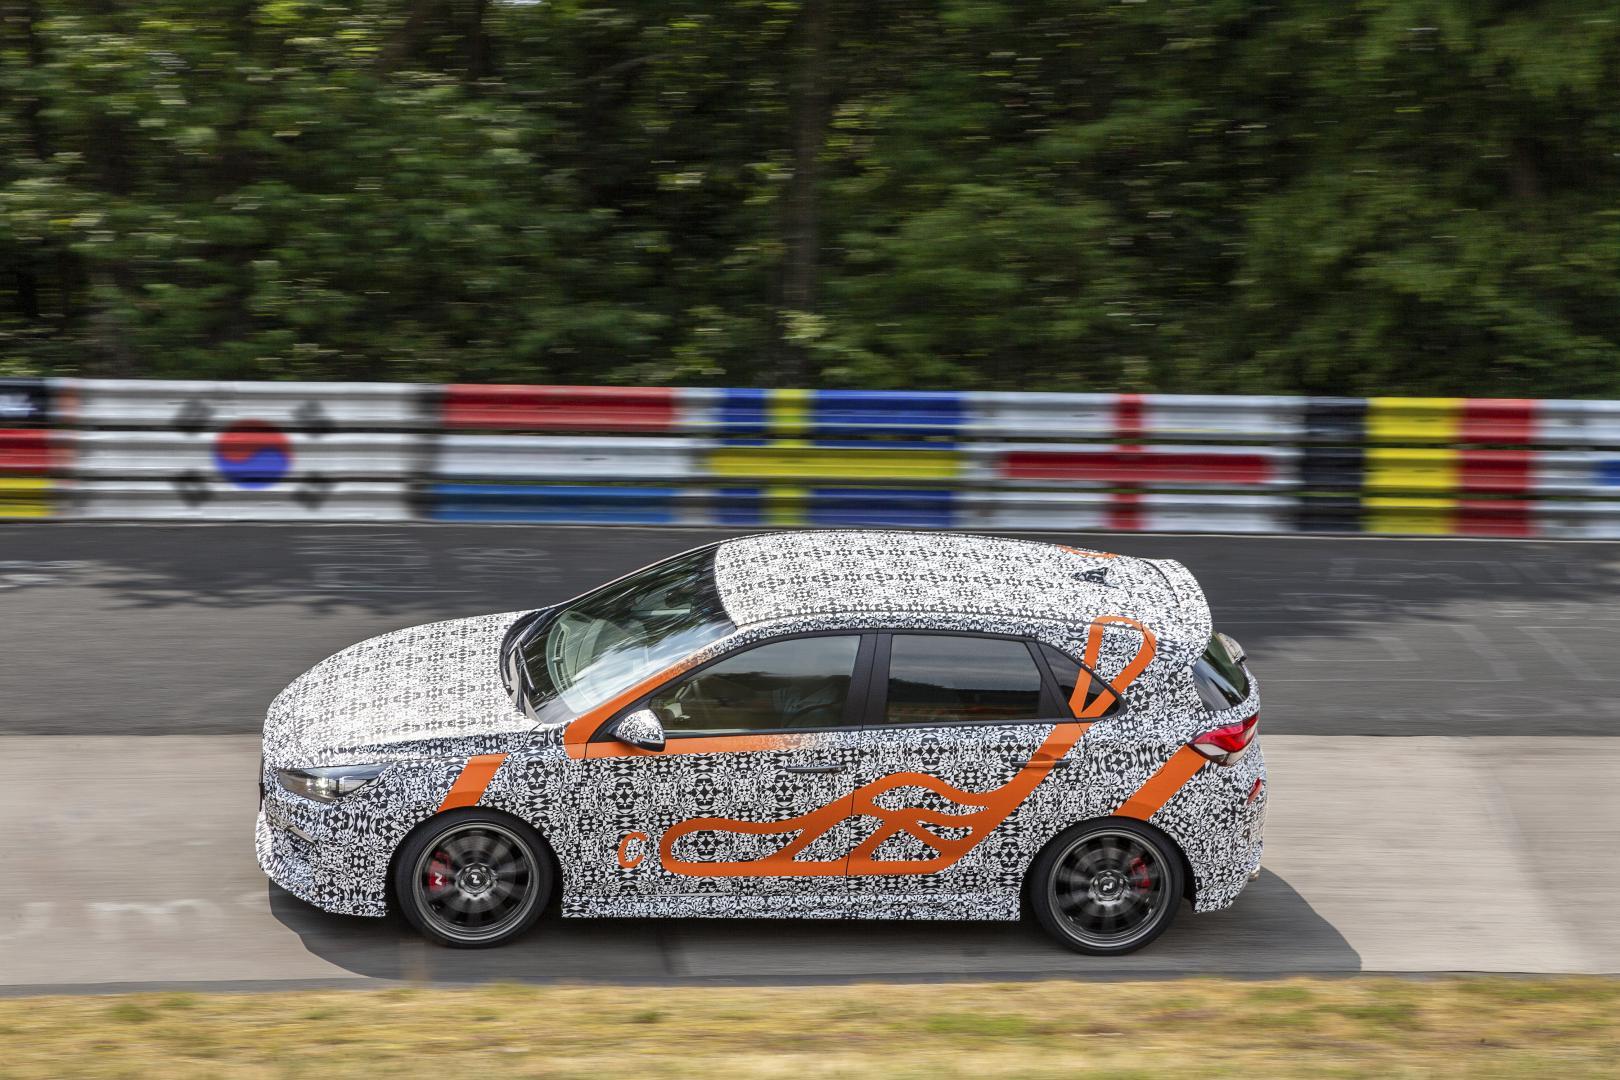 Hyundai i30 N Project C Karussell Schwalbenschwanz